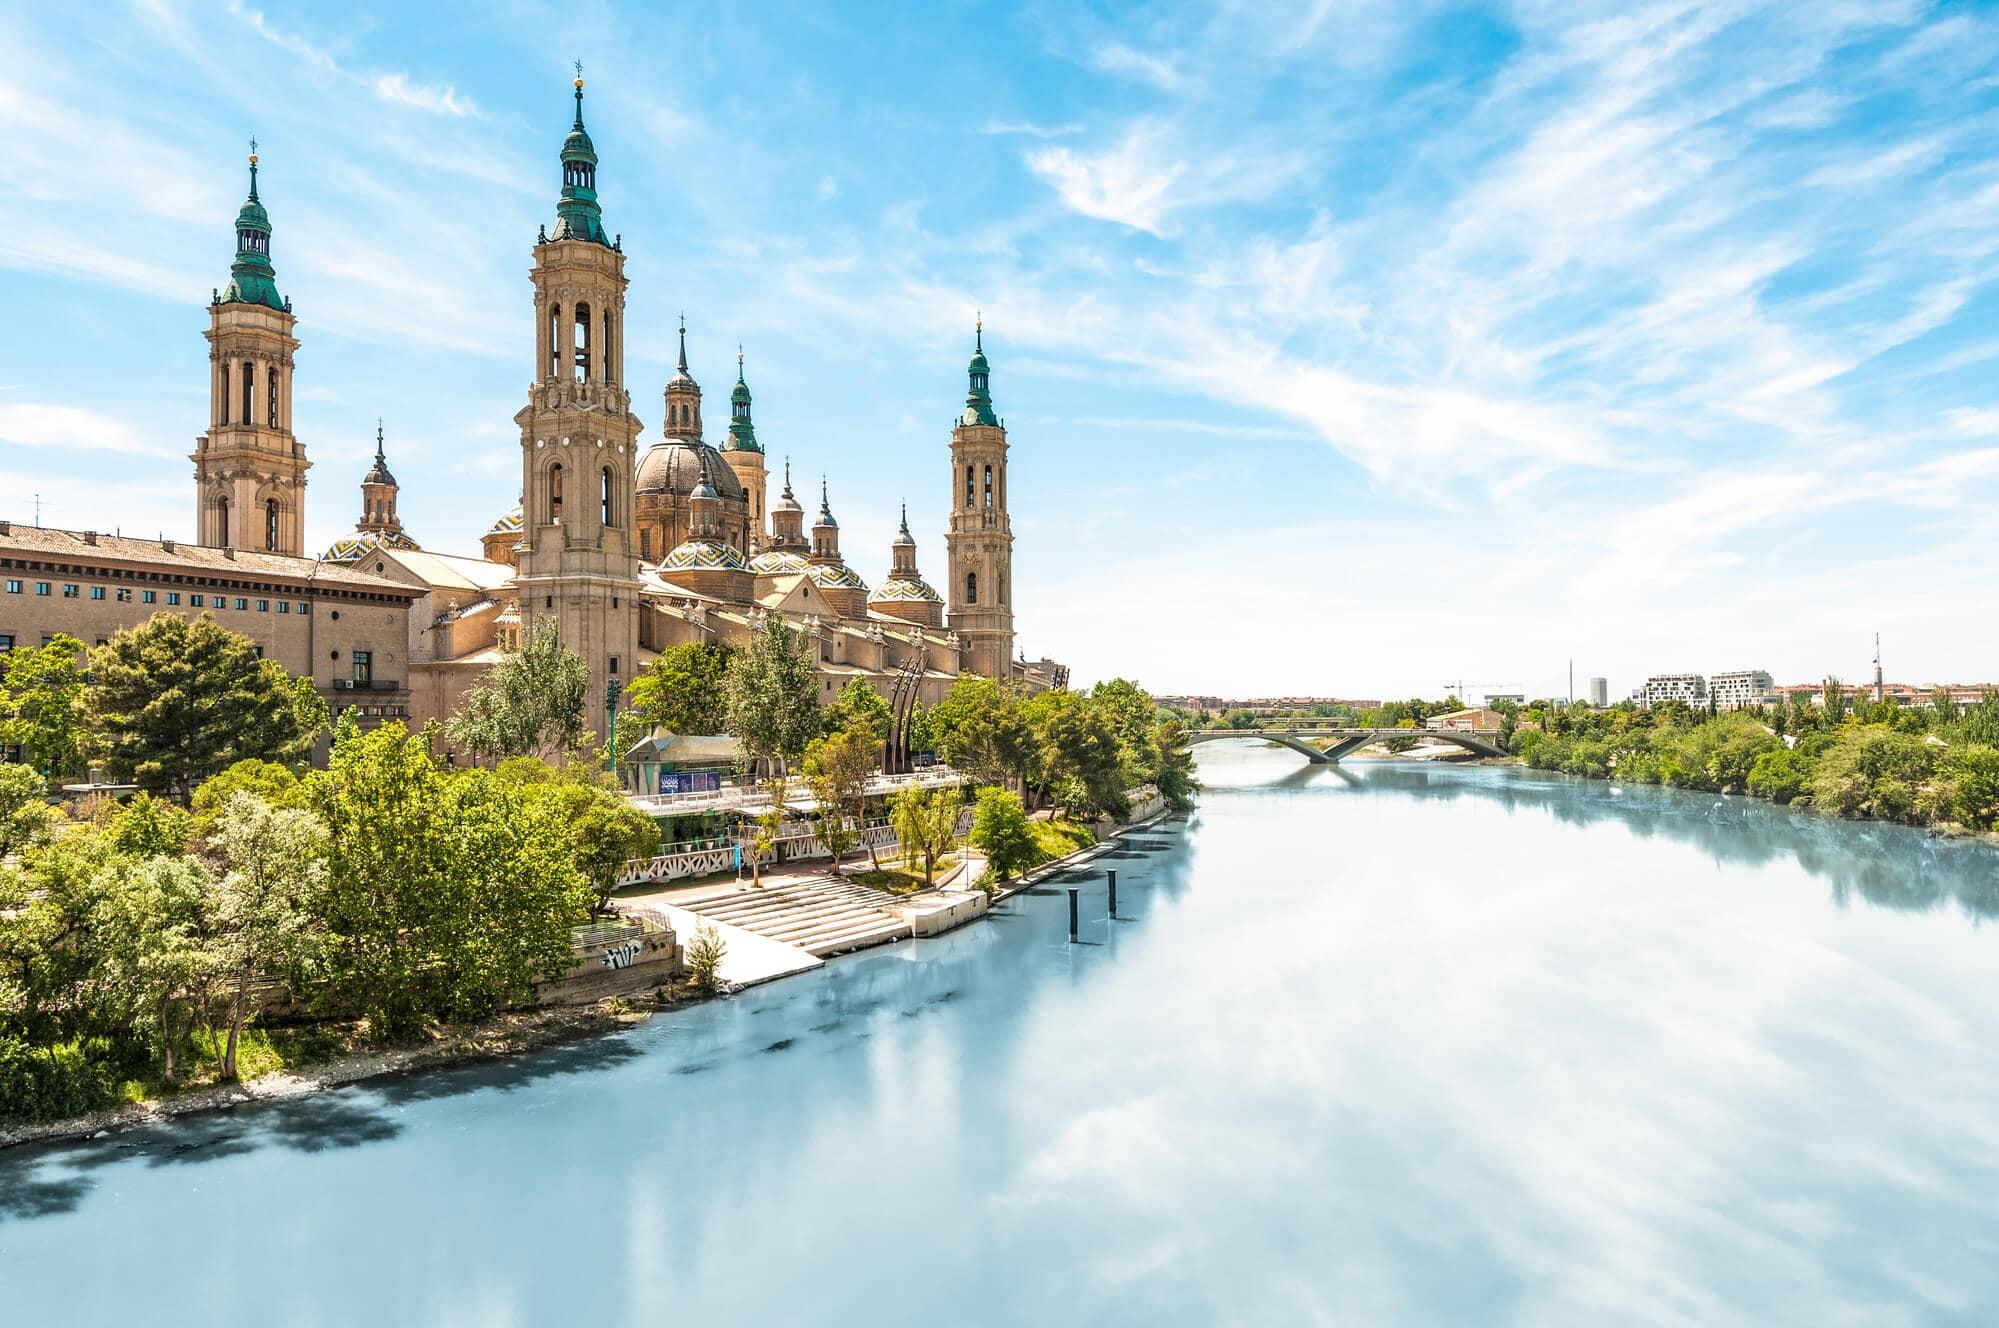 Basílica de Nuestra Señora del Pilar in Zaragoza - The Ultimate Spain Bucket List